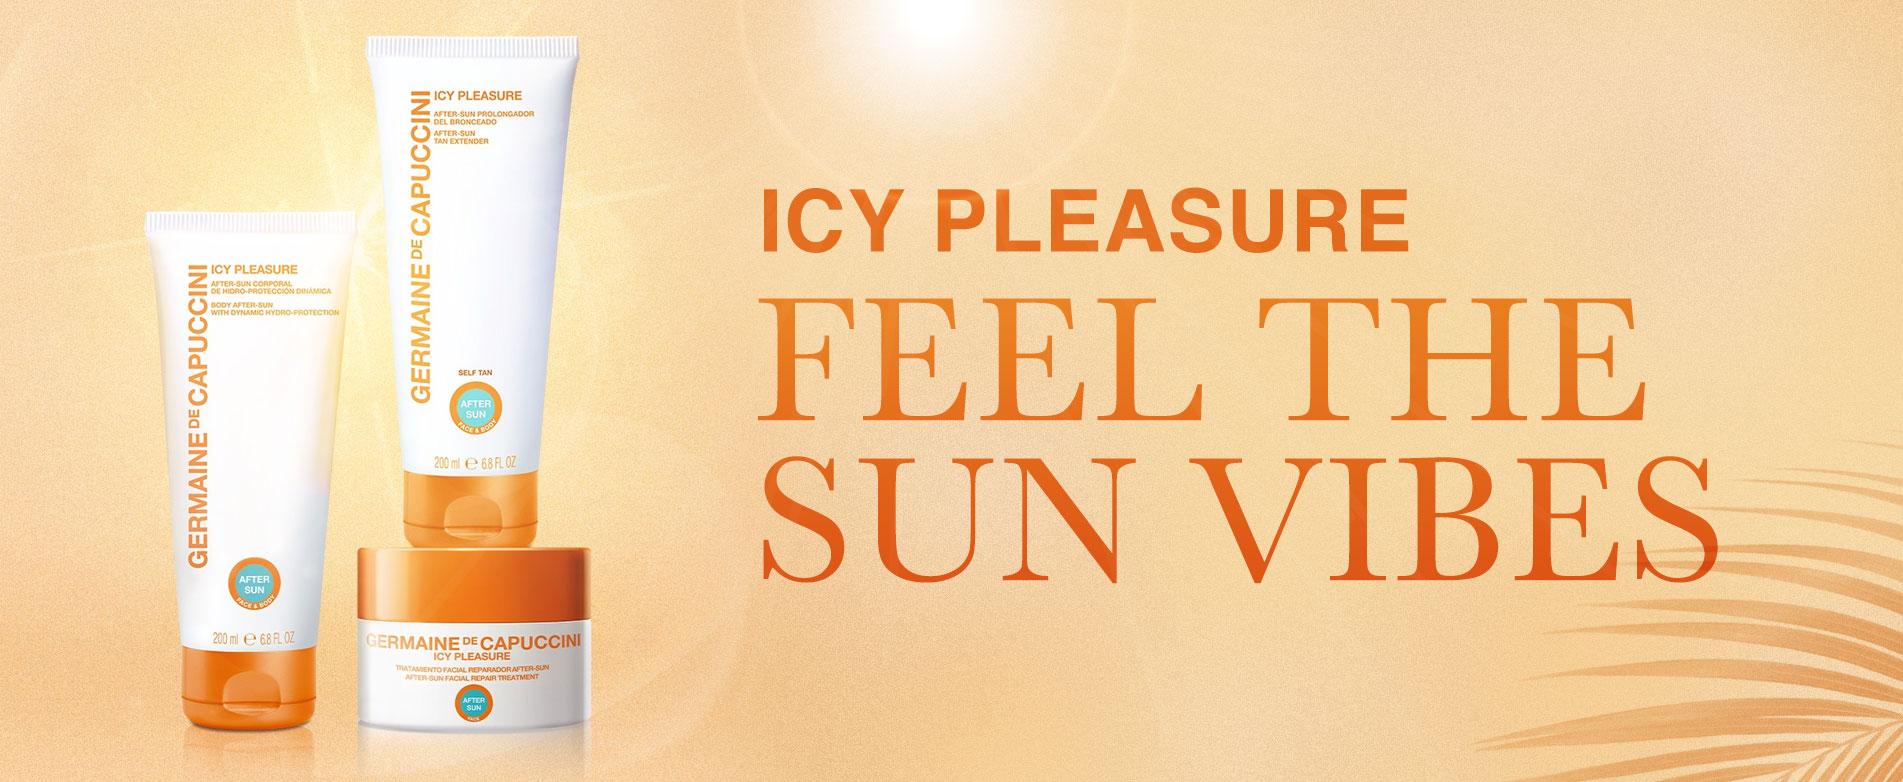 Icy Pleasure